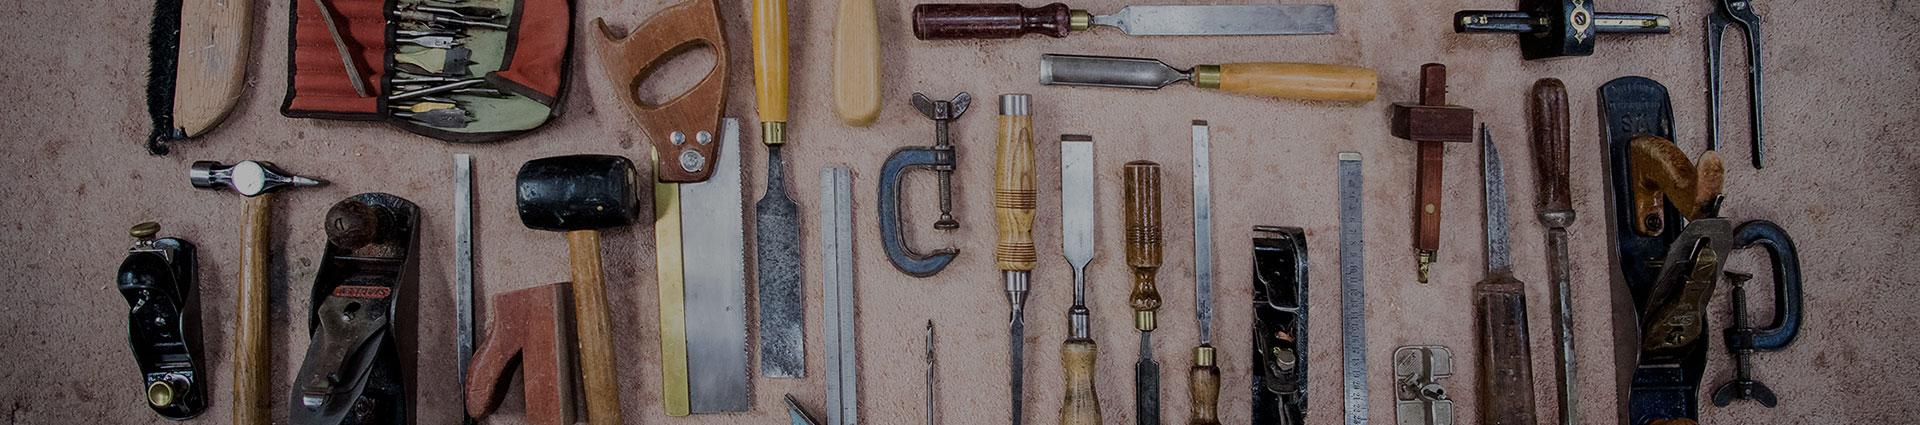 tool workshop